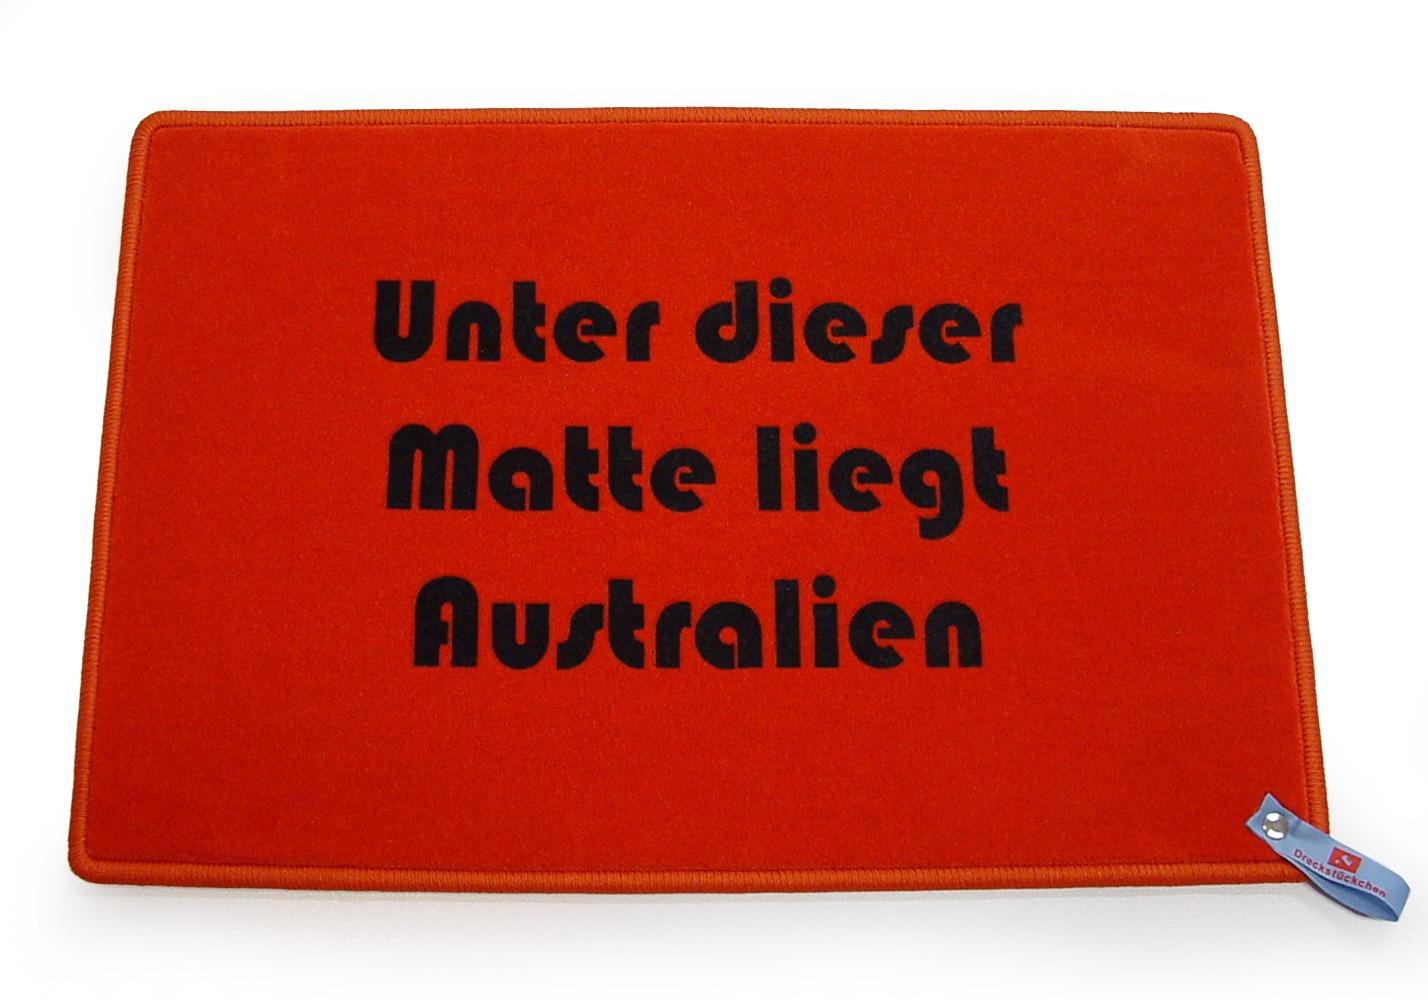 Unter dieser Matte liegt Australien